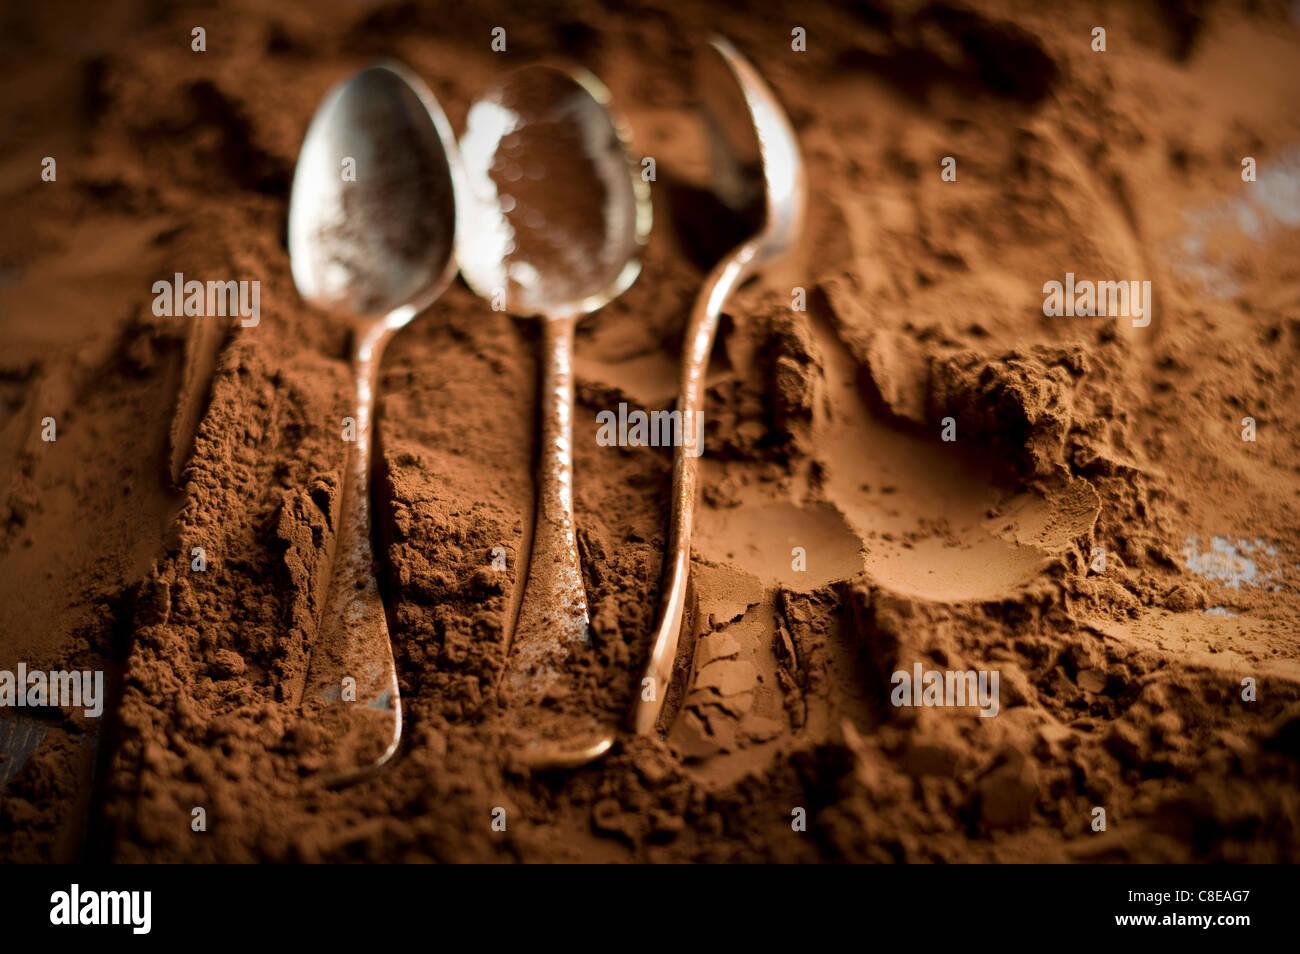 Les cuillères et le chocolat en poudre Photo Stock